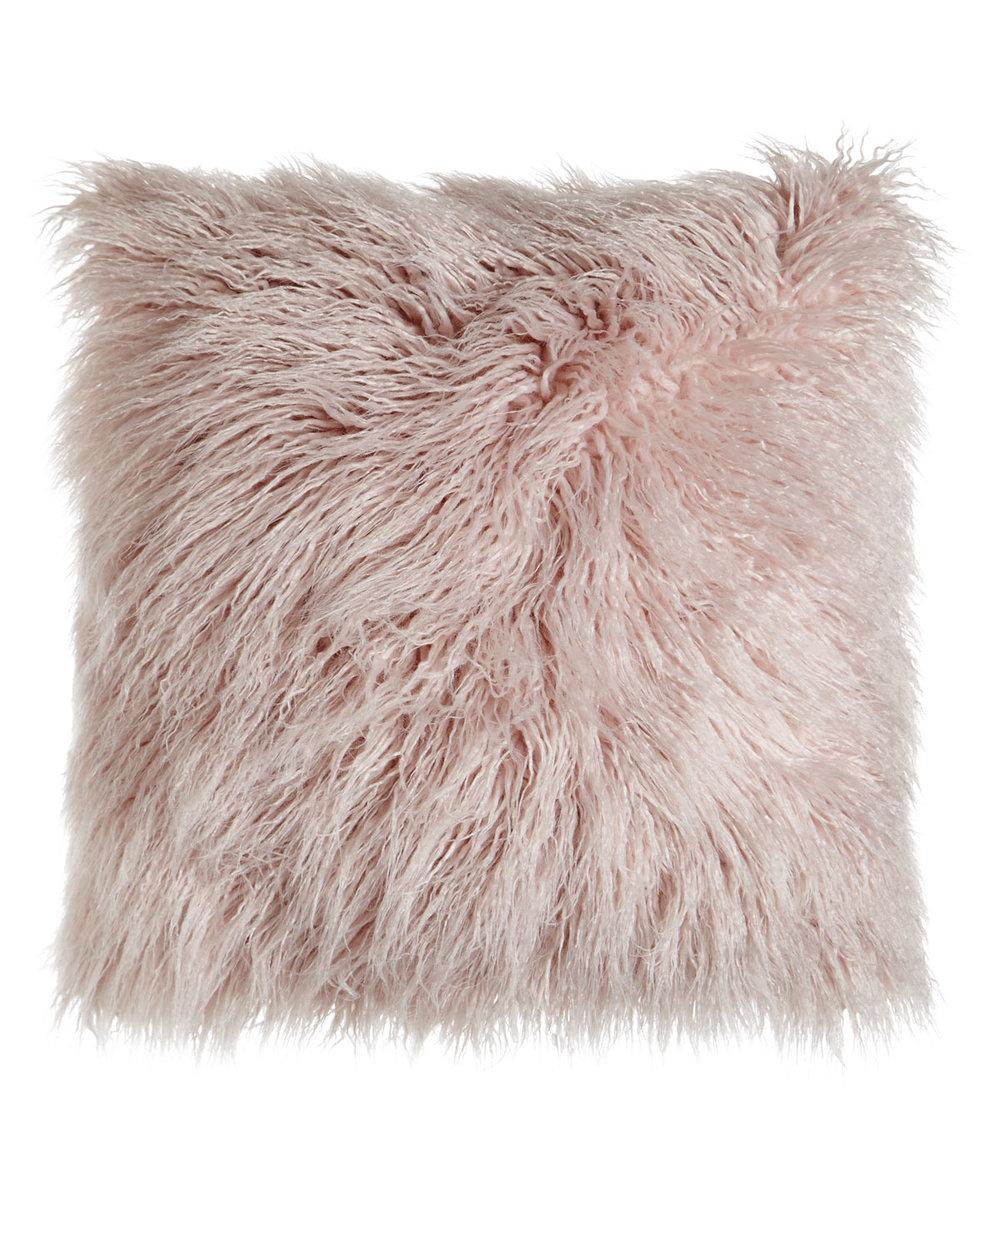 Faux Llama Pillow